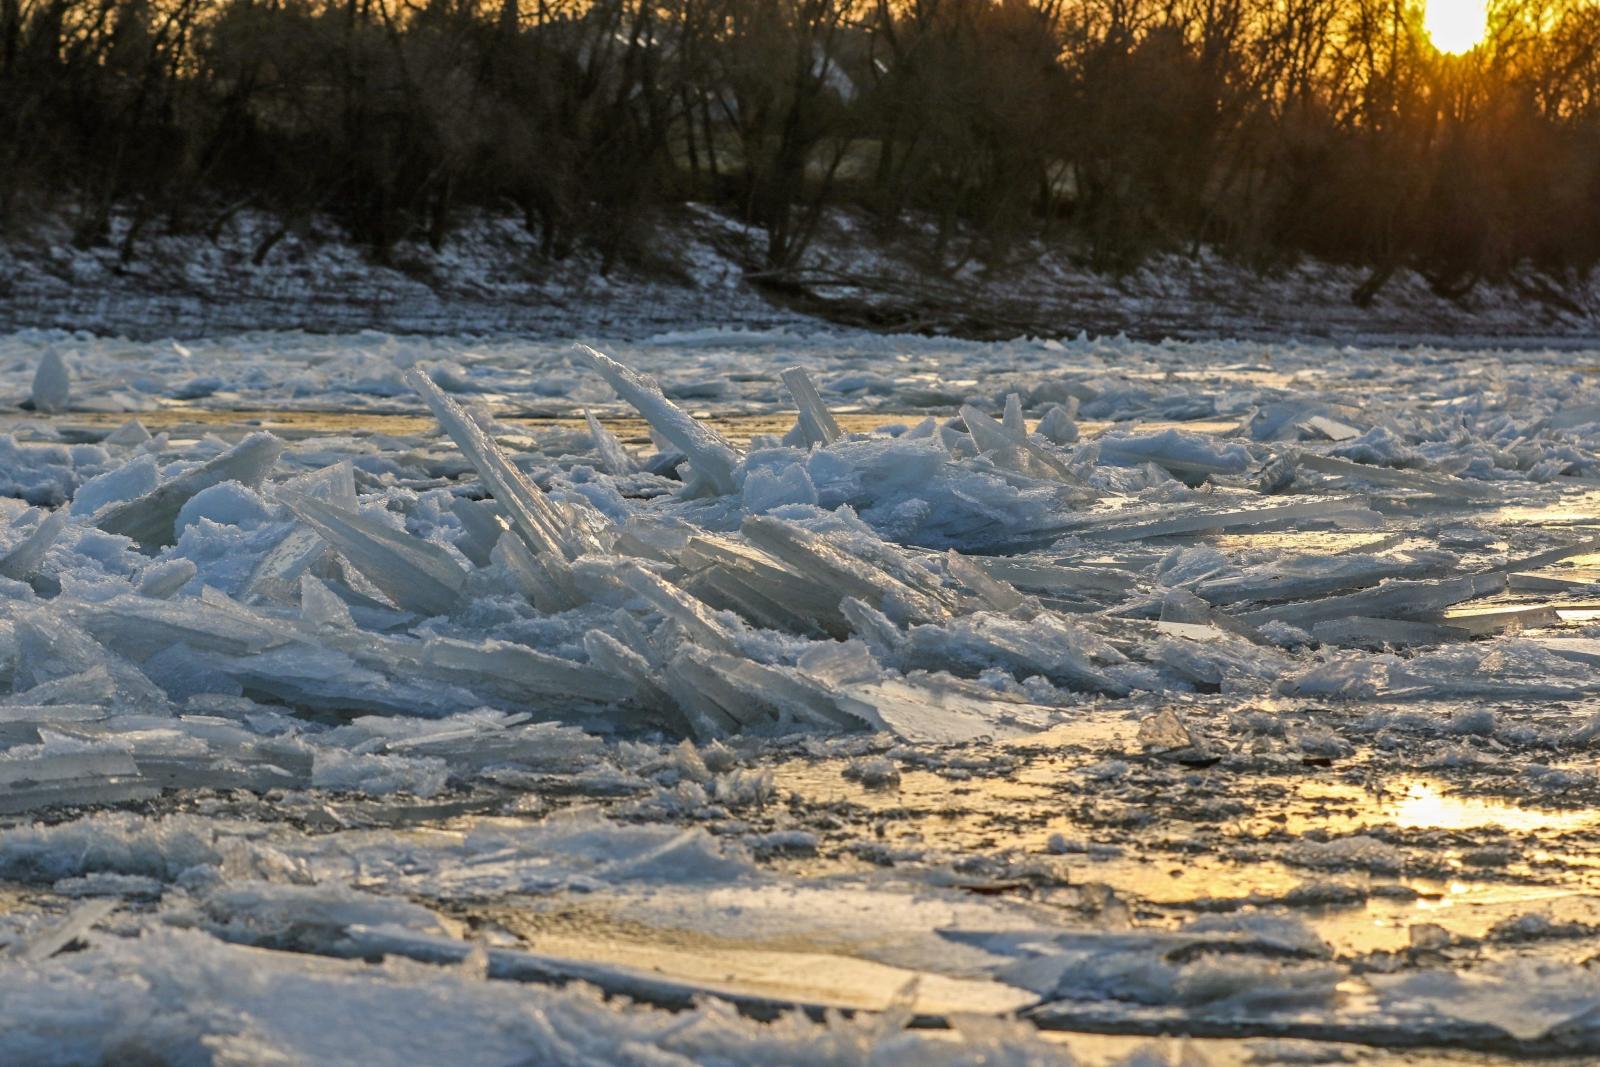 Połamany lód w miejscowości Szolnok, 100 km na południe od Budapesztu, Węgry.